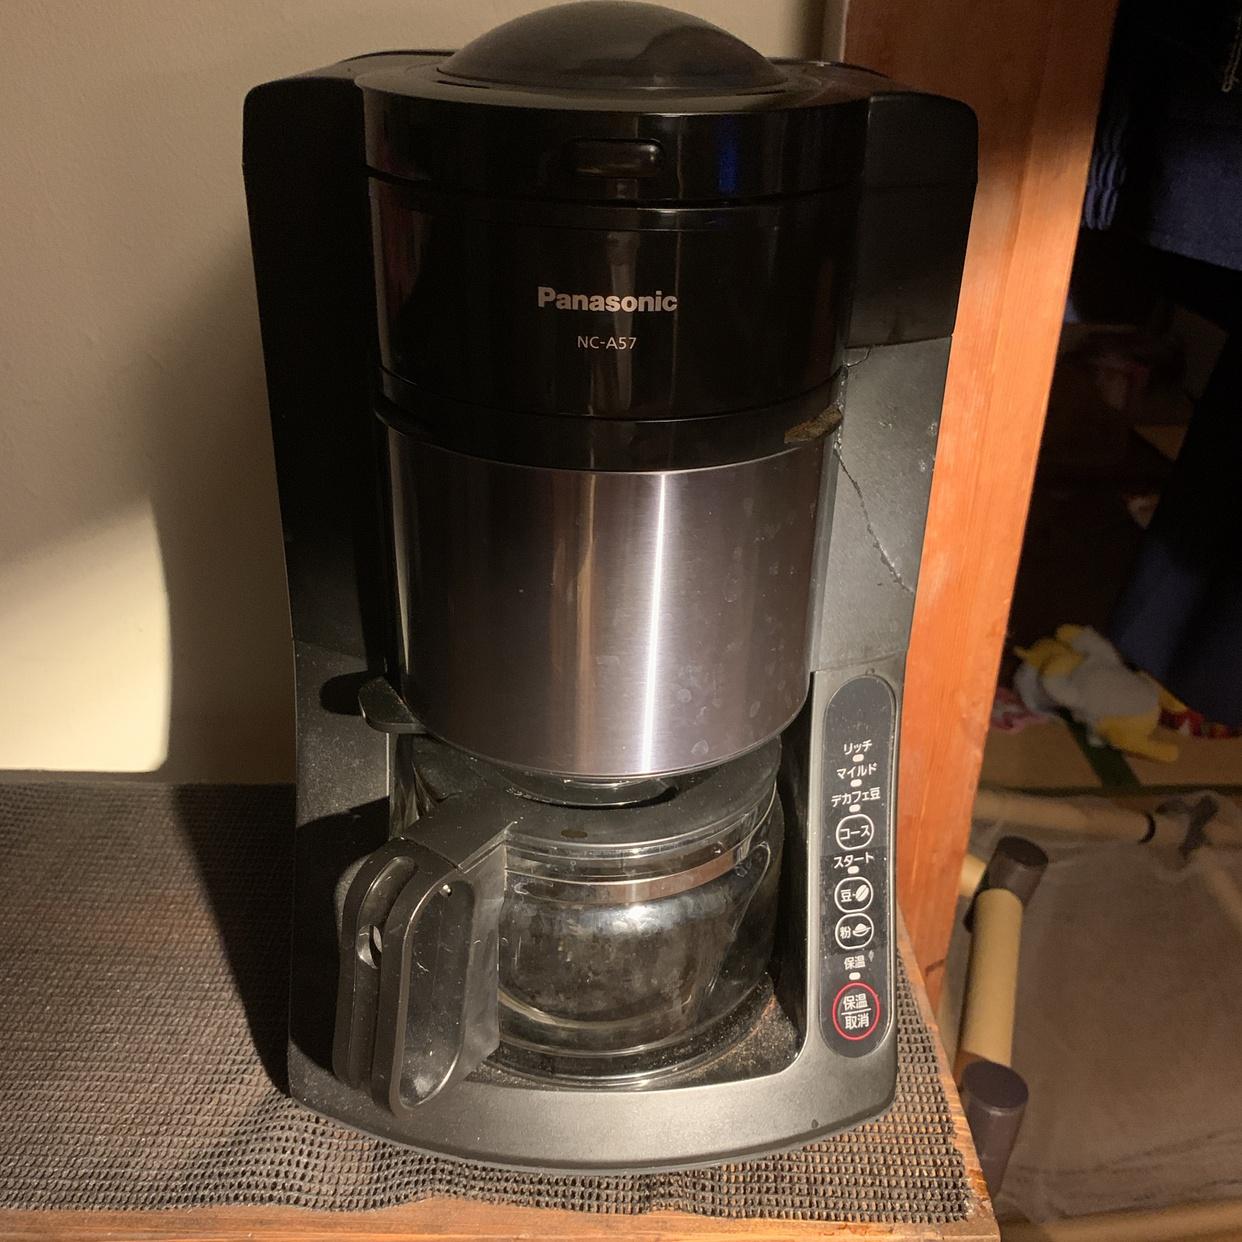 Panasonic(パナソニック)沸騰浄水コーヒーメーカー NC-A57を使ったみきteaさんのクチコミ画像1